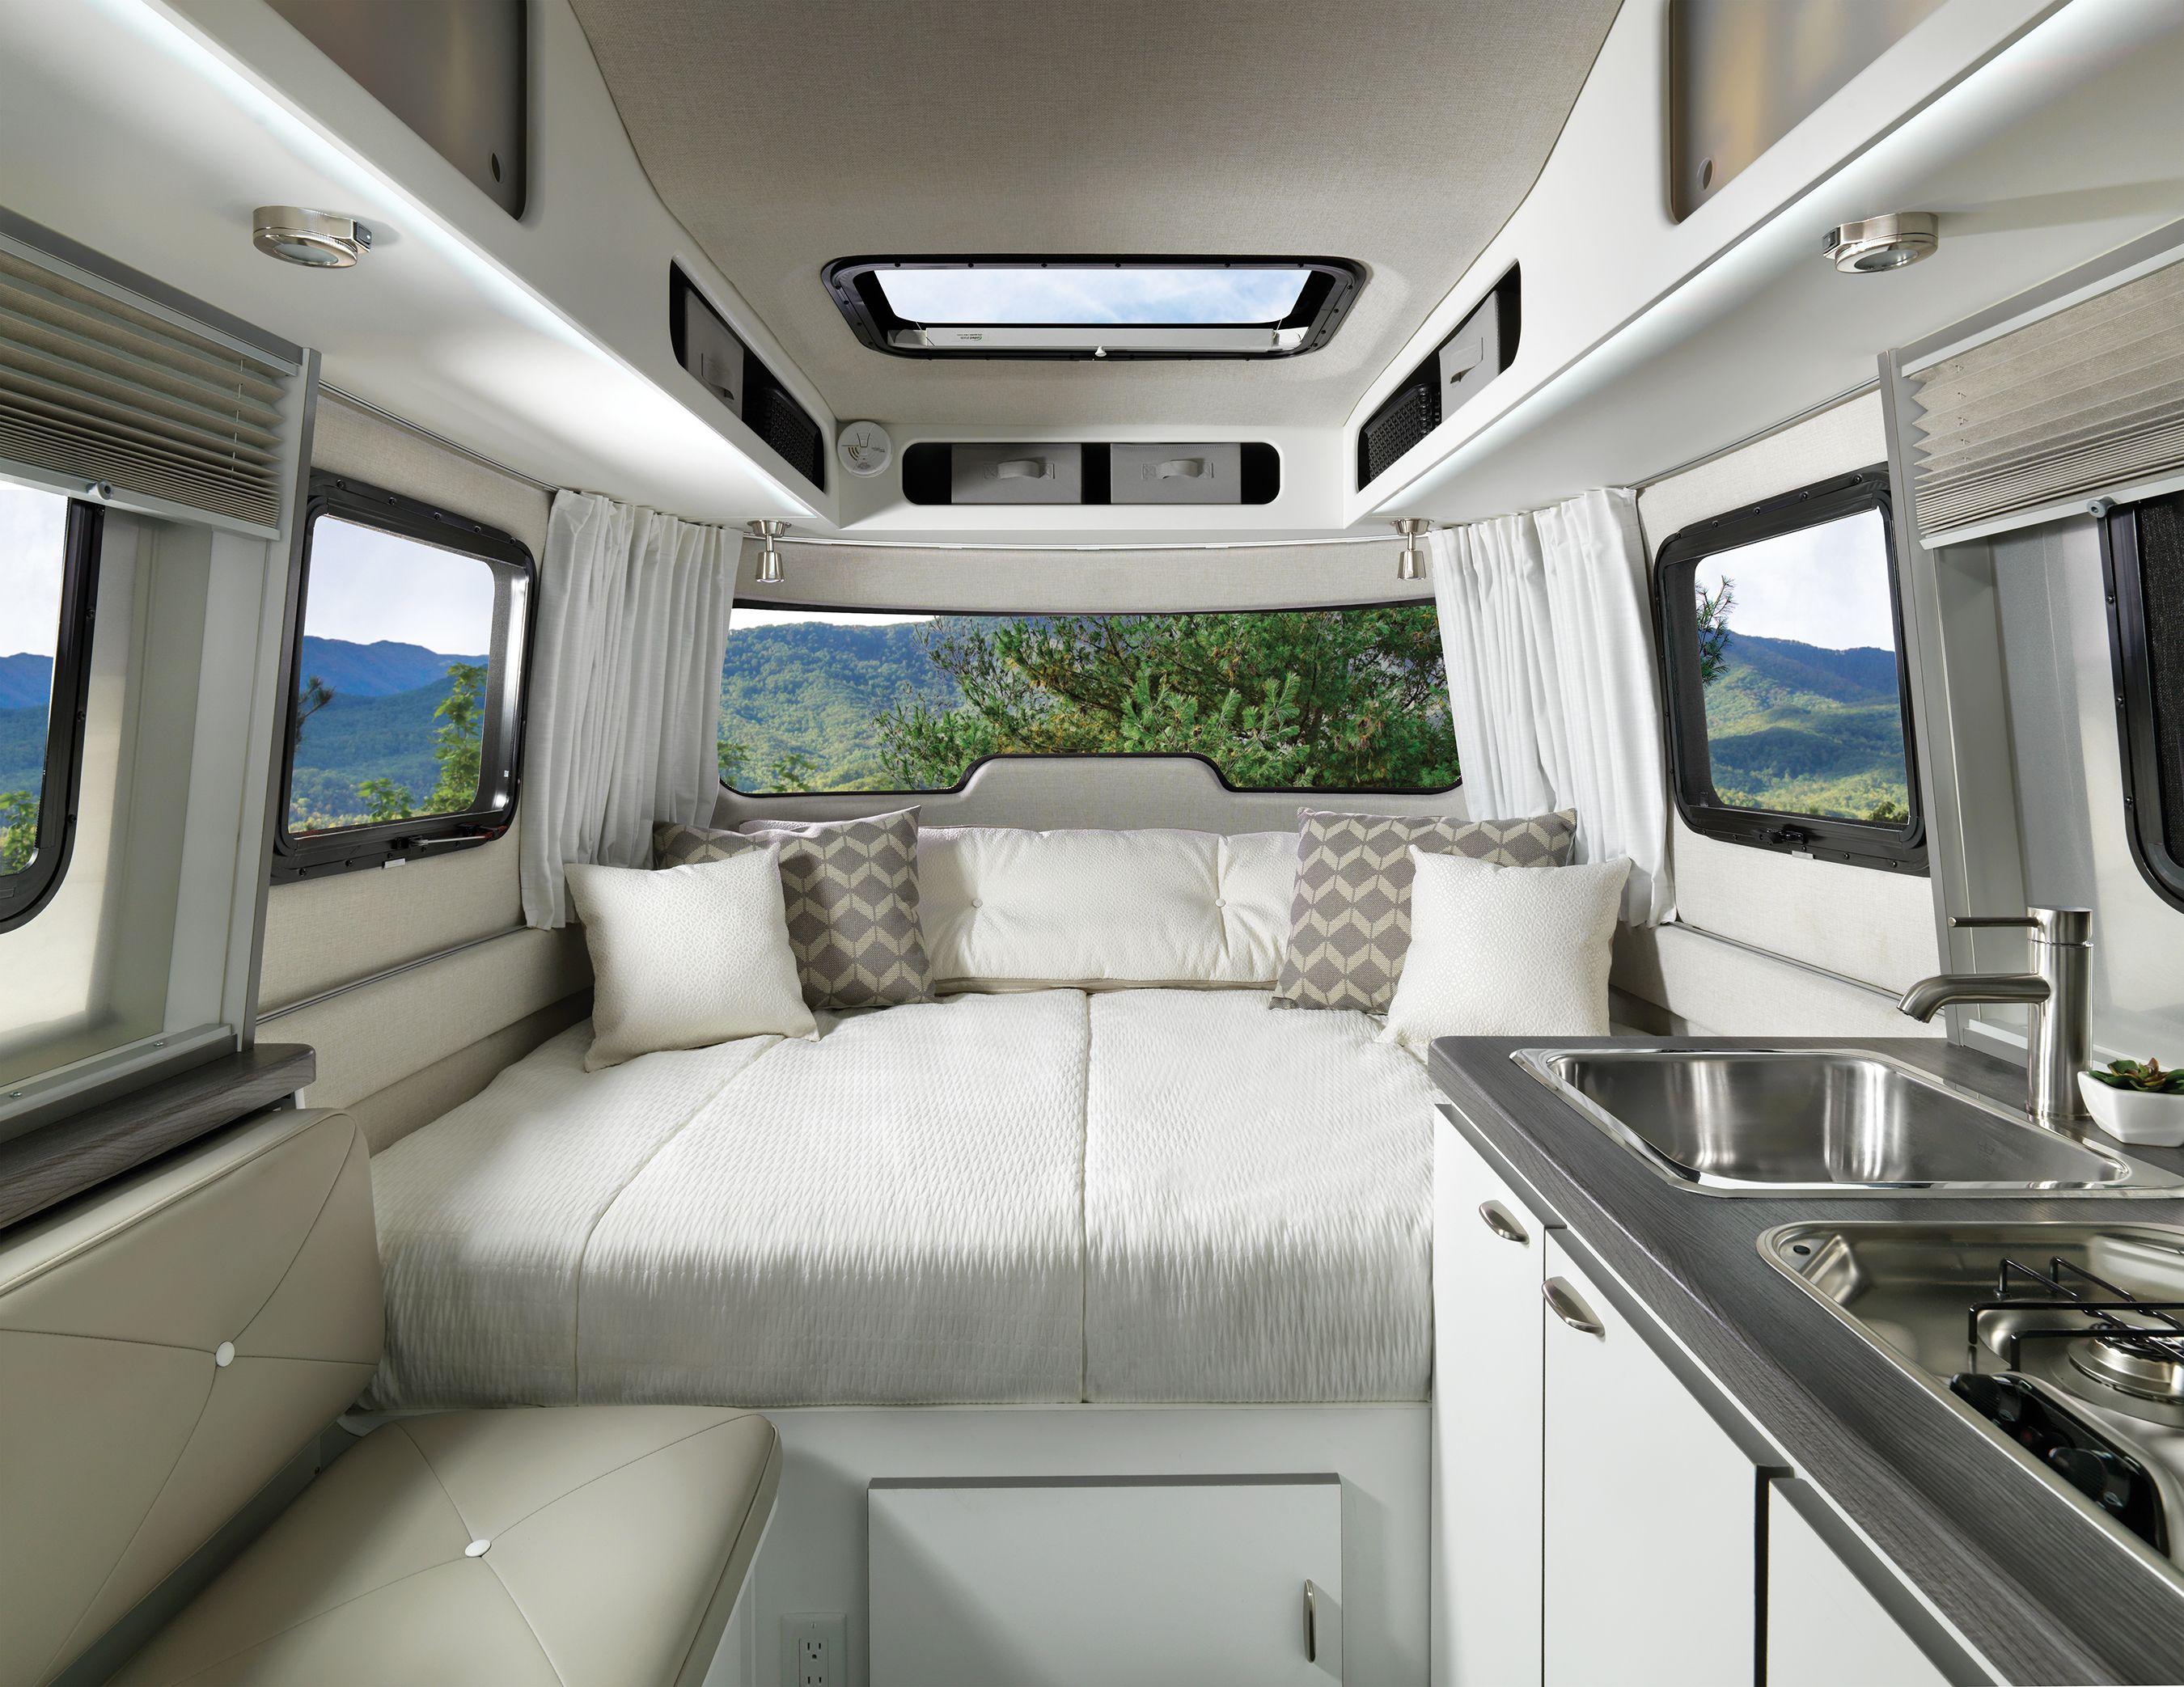 2020 Airstream Nest By Airstream Fiberglass Camper